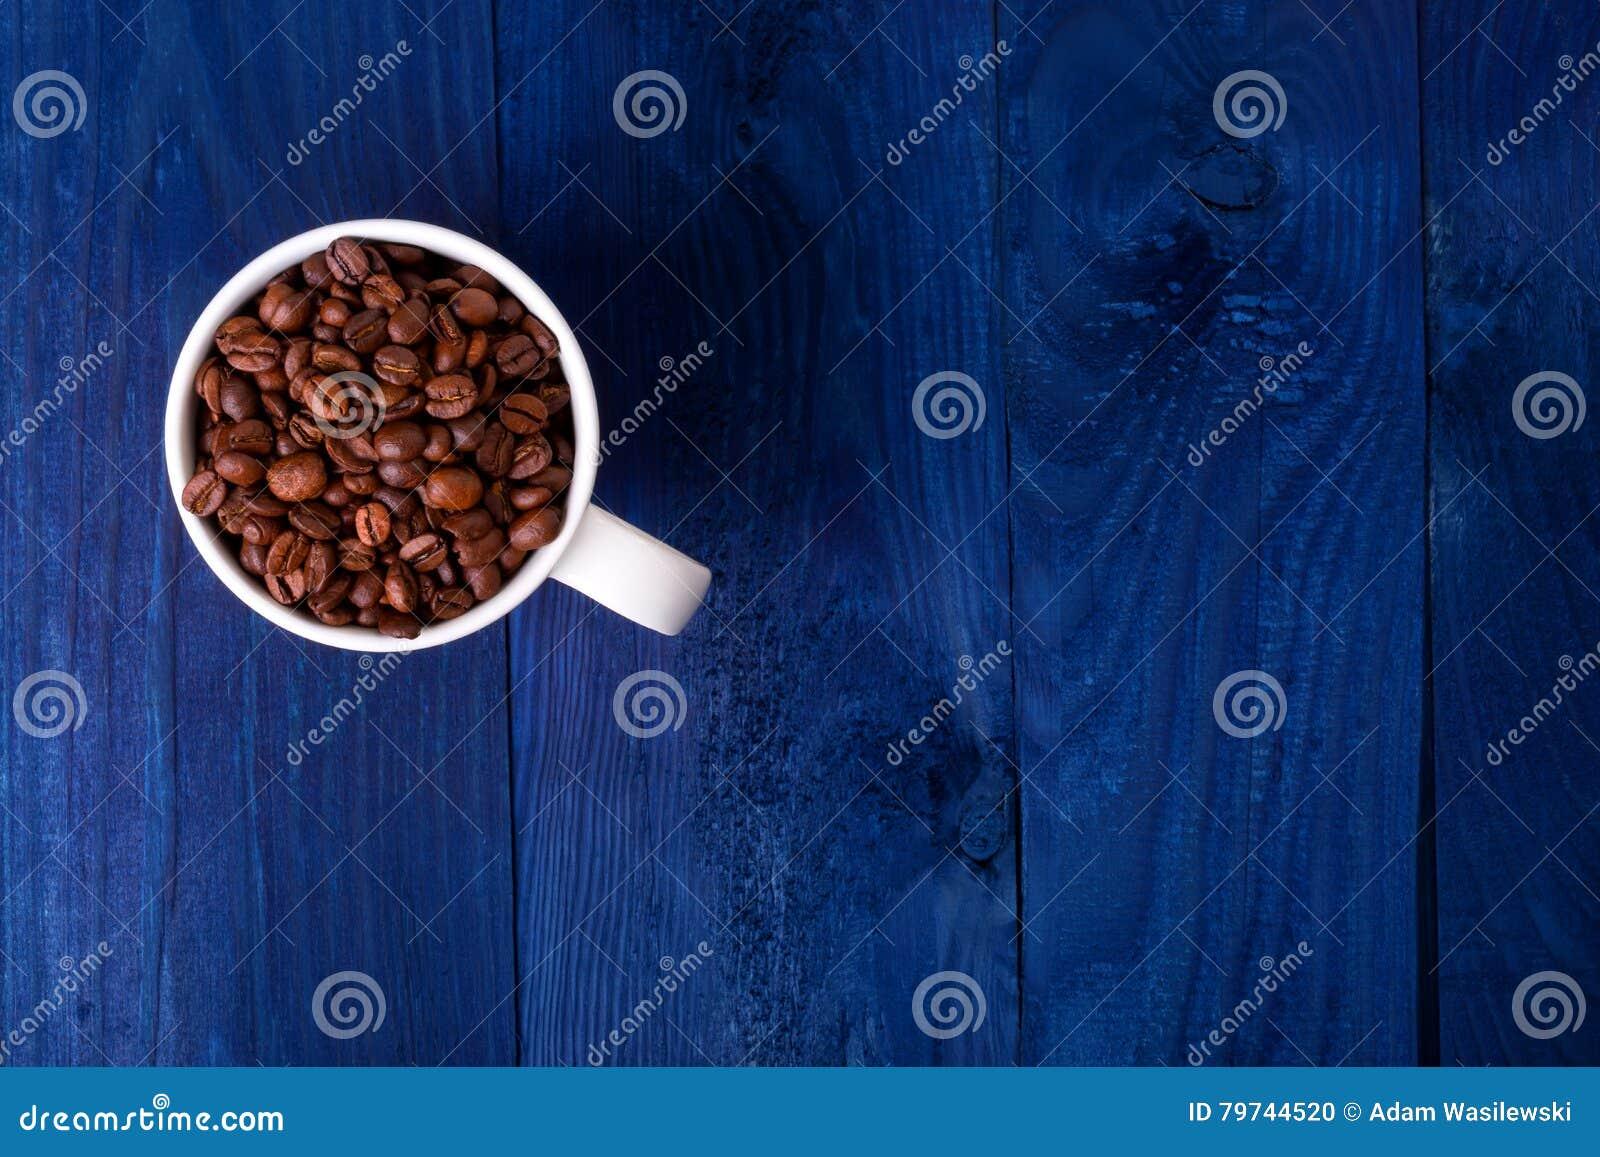 Asalte por completo de los granos de café en fondo de madera azul